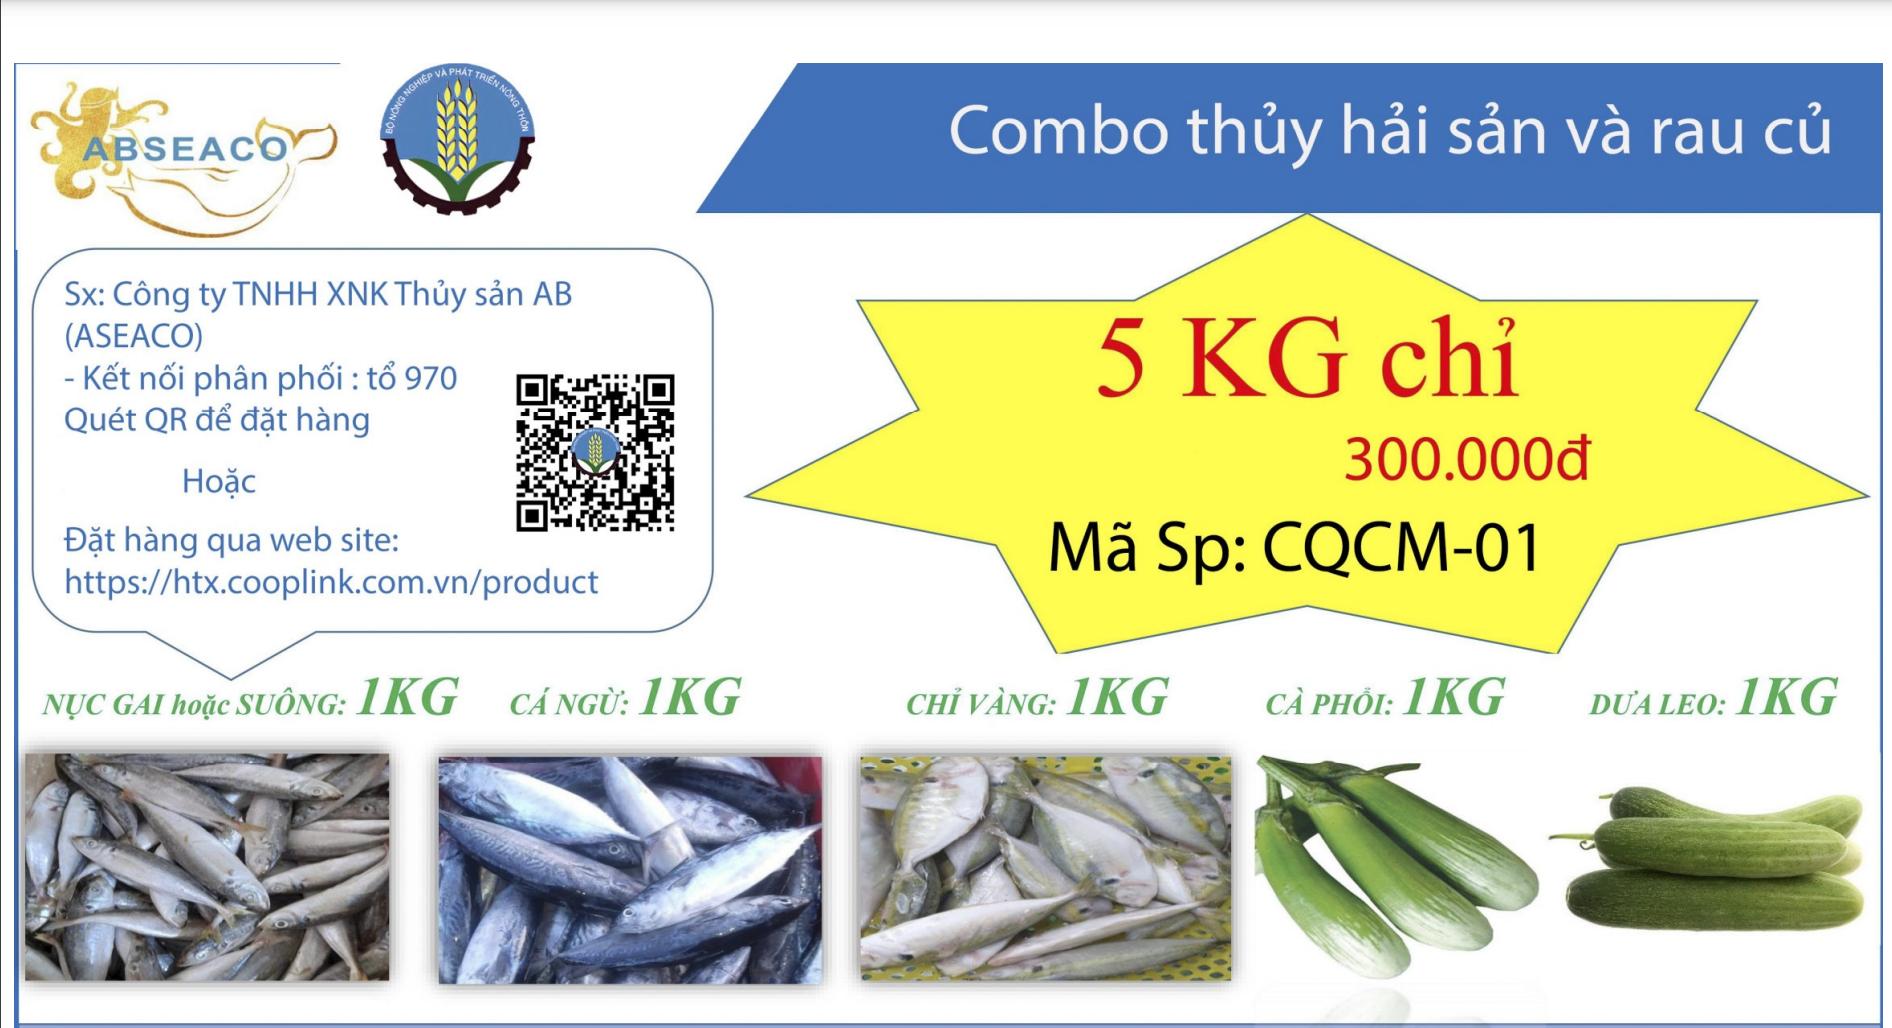 Combo 300.000 đồng từ tỉnh Cà Mau gồm: 1kg cá nục gai hoặc suông, 1kg cá ngừ, 1kg cá chỉ vàng, 1kg cà phổi, 1kg dưa leo.